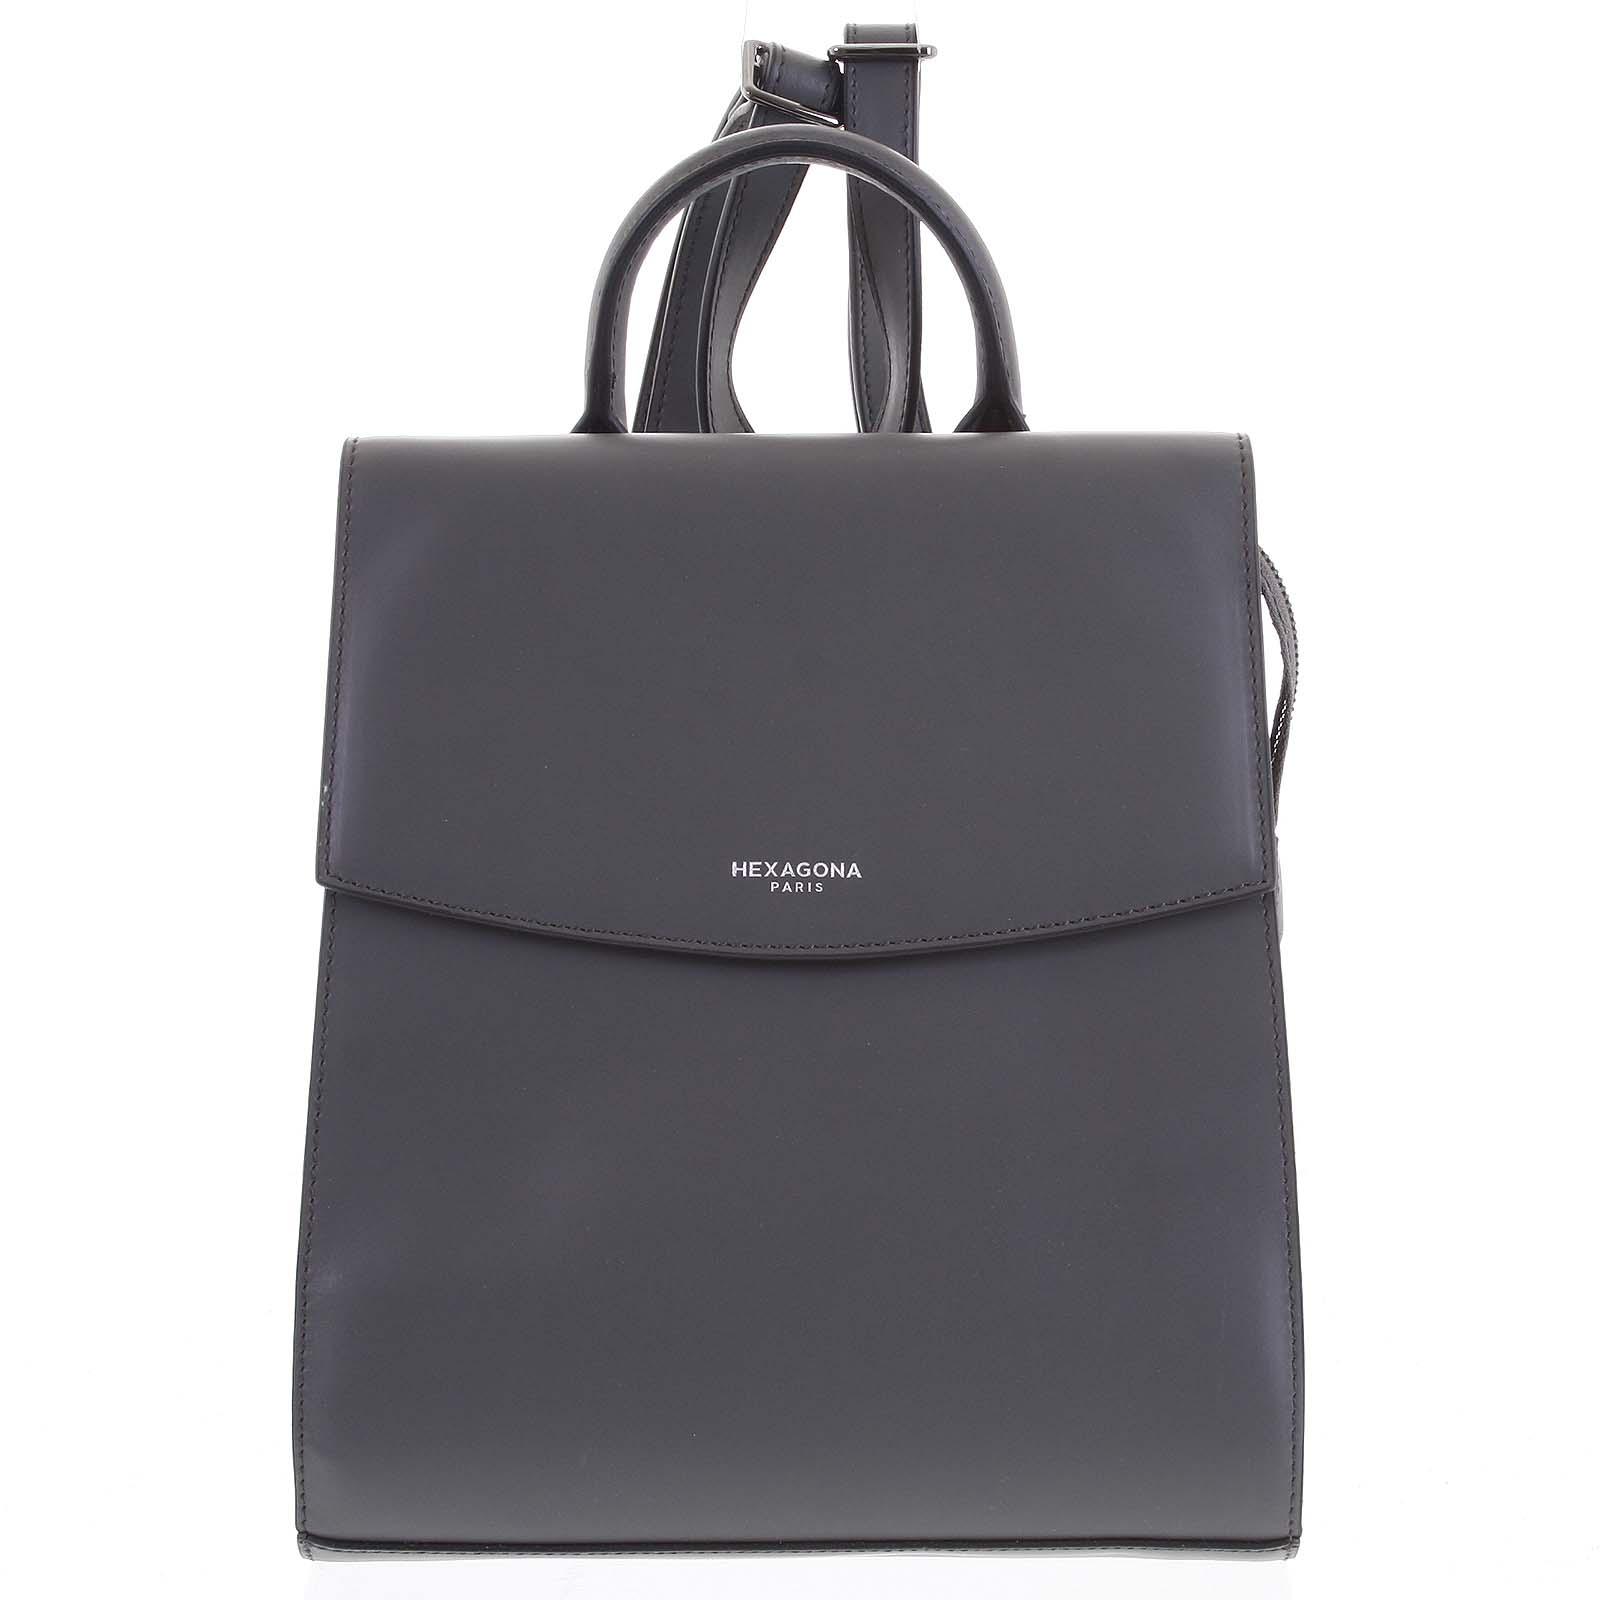 Dámský pevný moderní kožený batoh tmavě šedý - Hexagona Zoelane